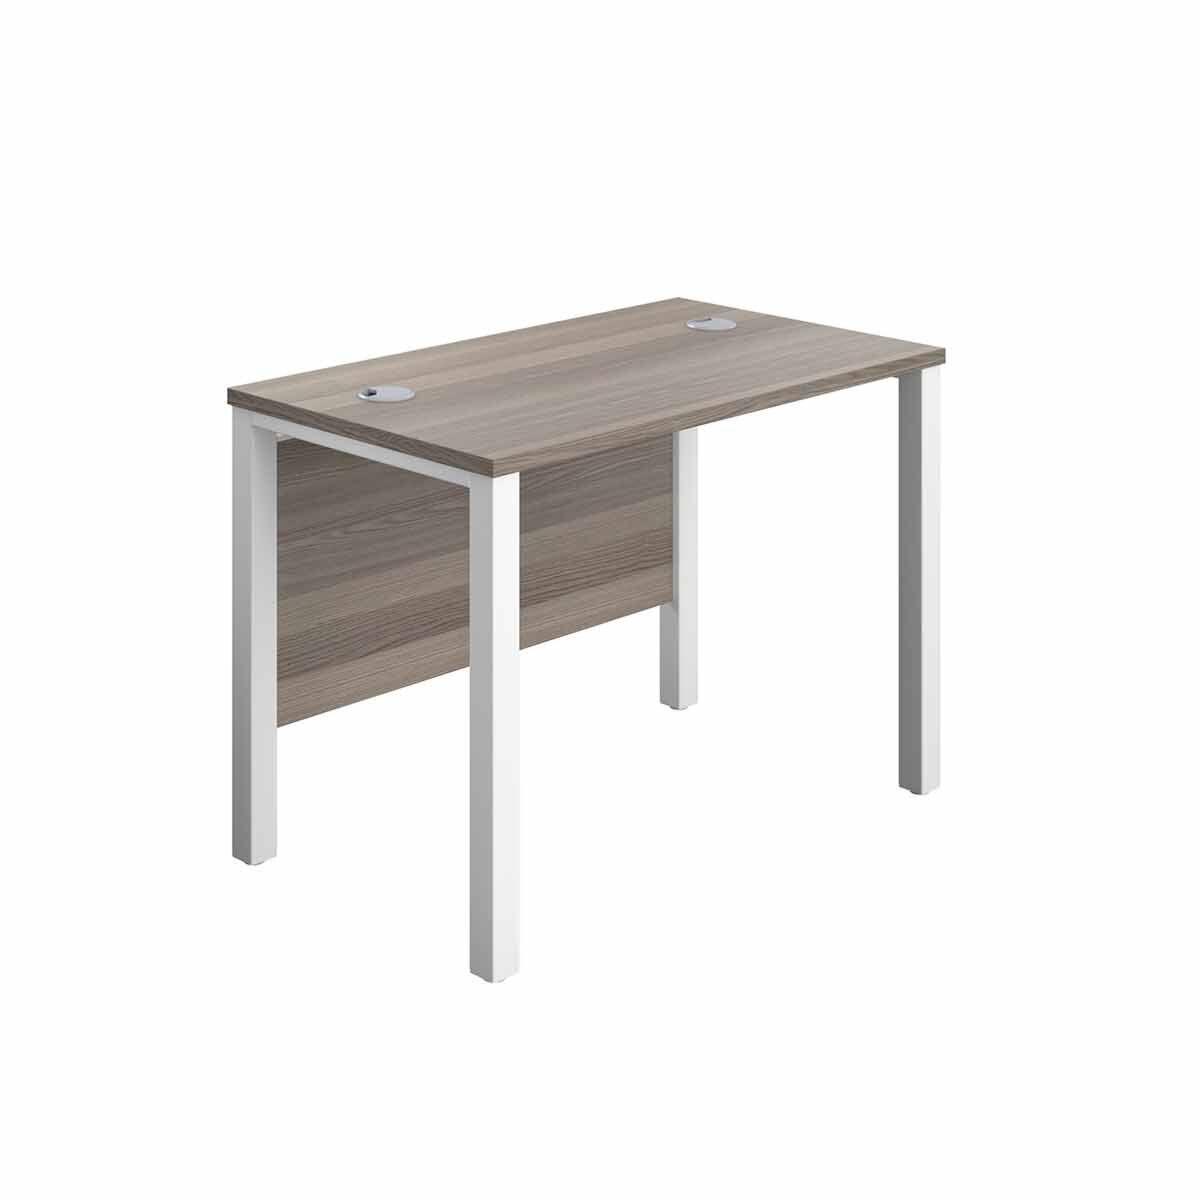 TC Office White Goal Post Rectangular Desk 100cm Grey Oak effect